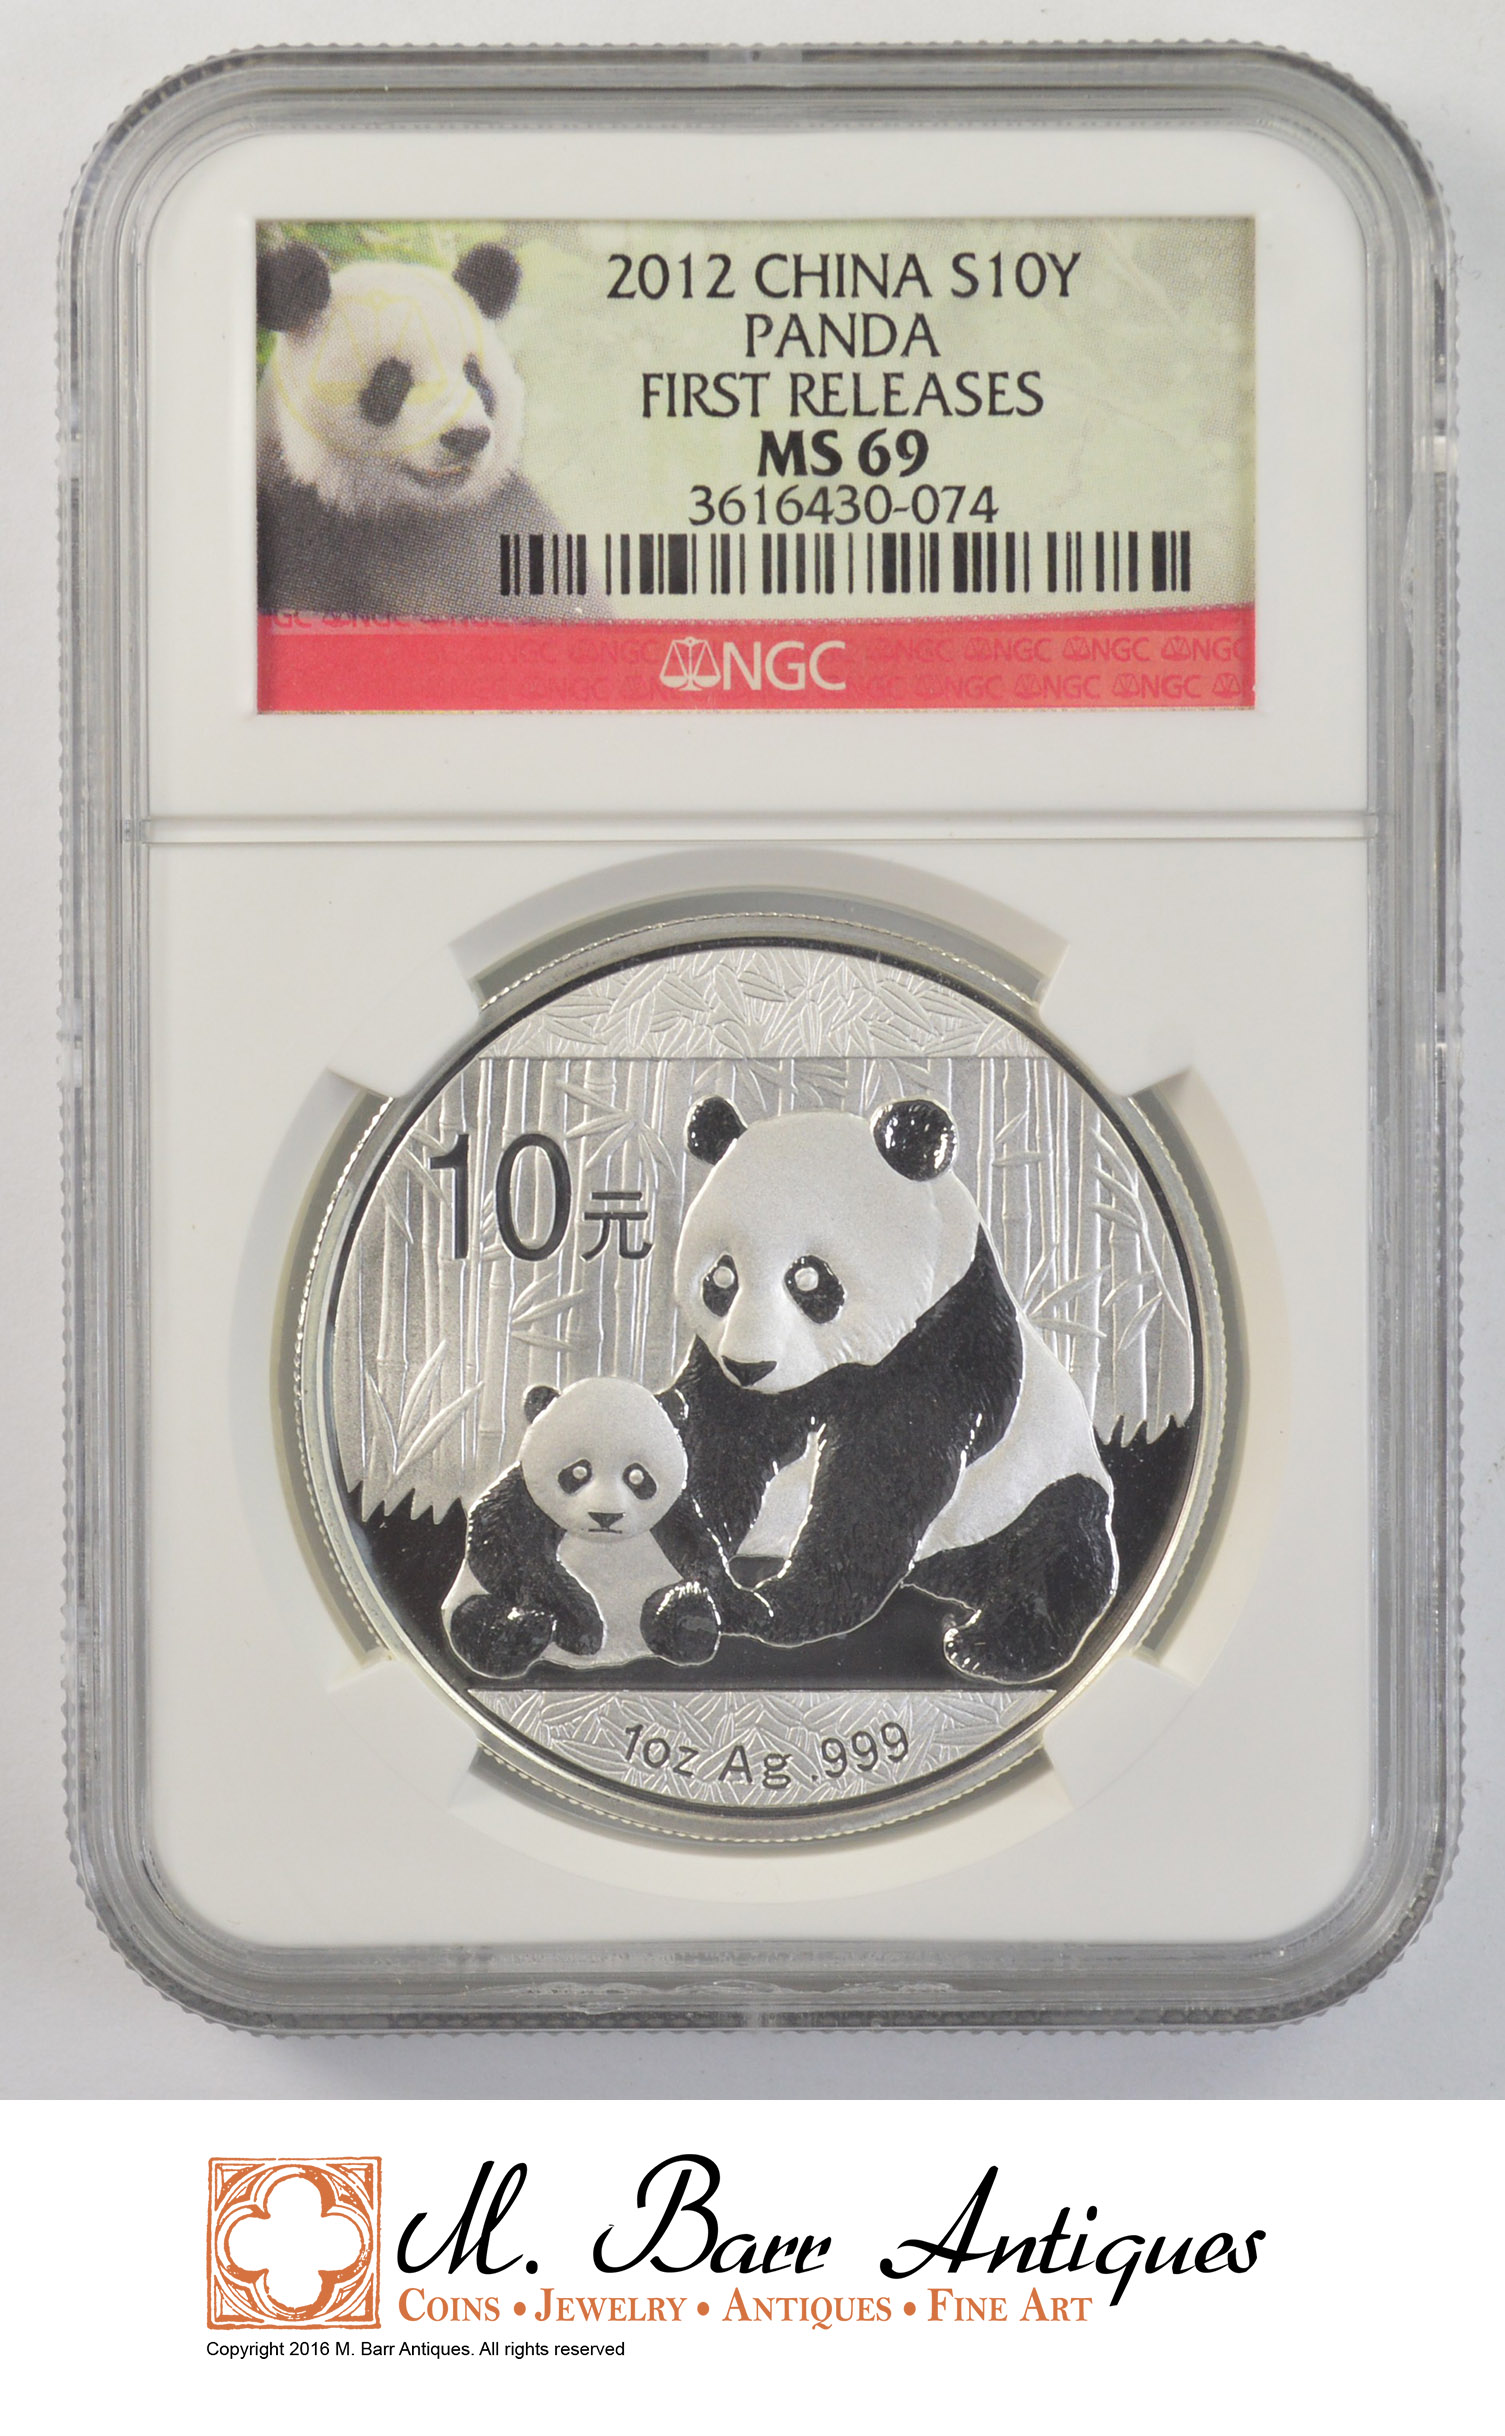 176965 2012 China 10 Yuan Silver Panda PCGS MS-69 First Strike